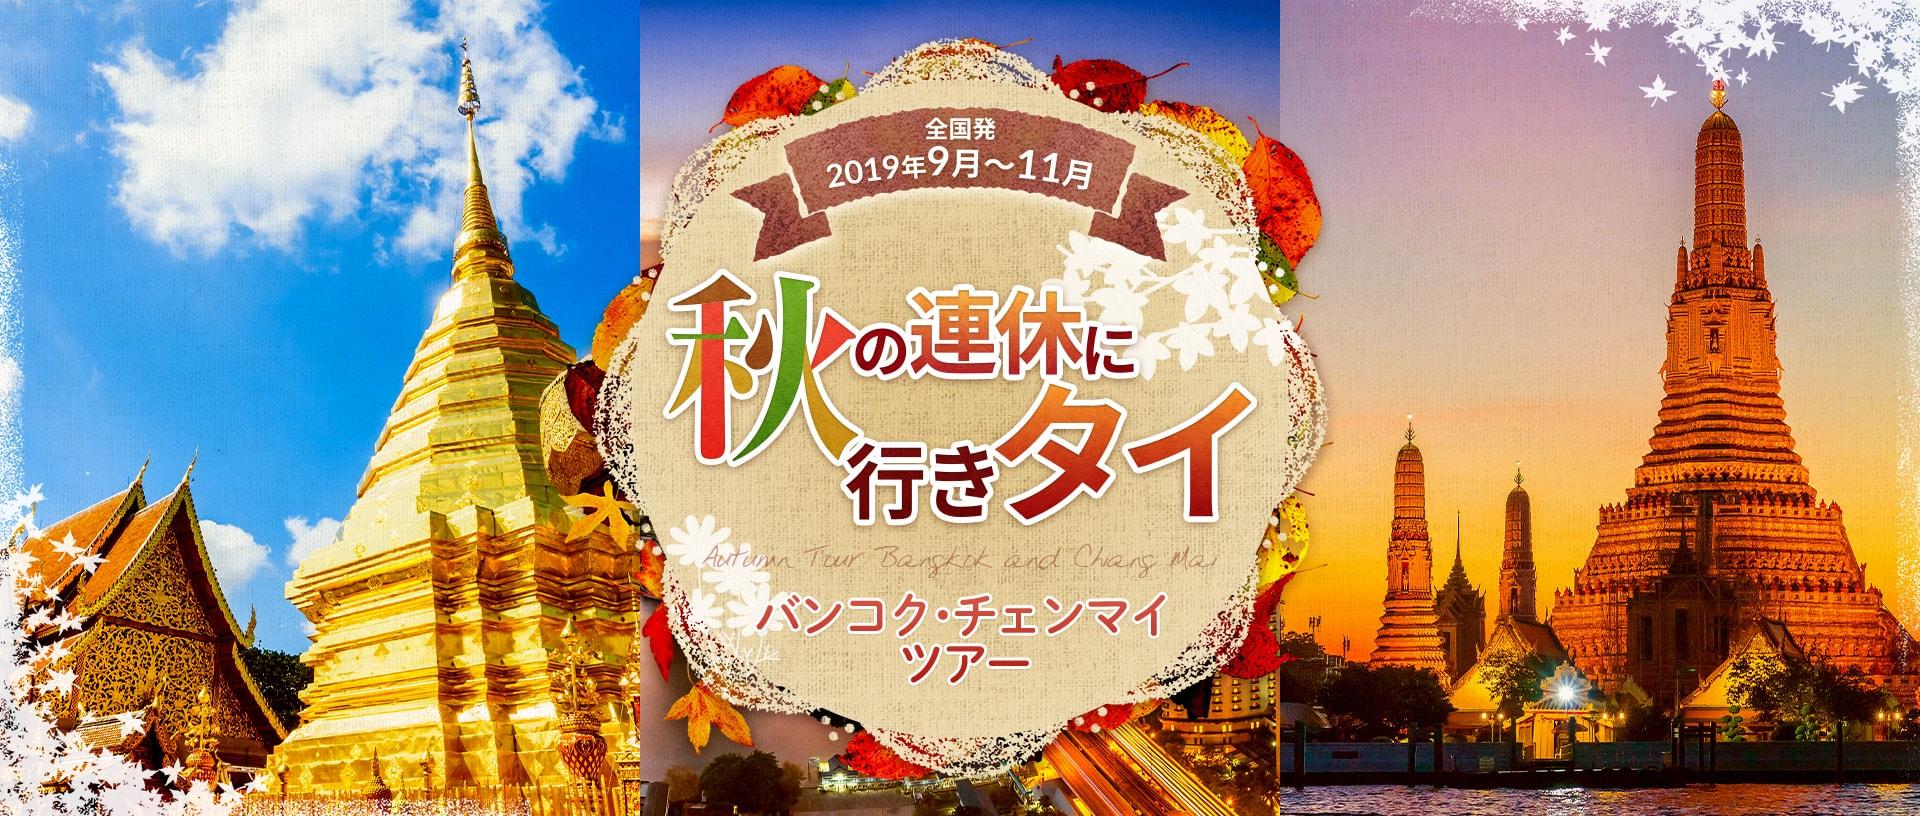 2019年 秋の連休特集に行く バンコクチェンマイ 9月10月11月の連休に行きタイ!